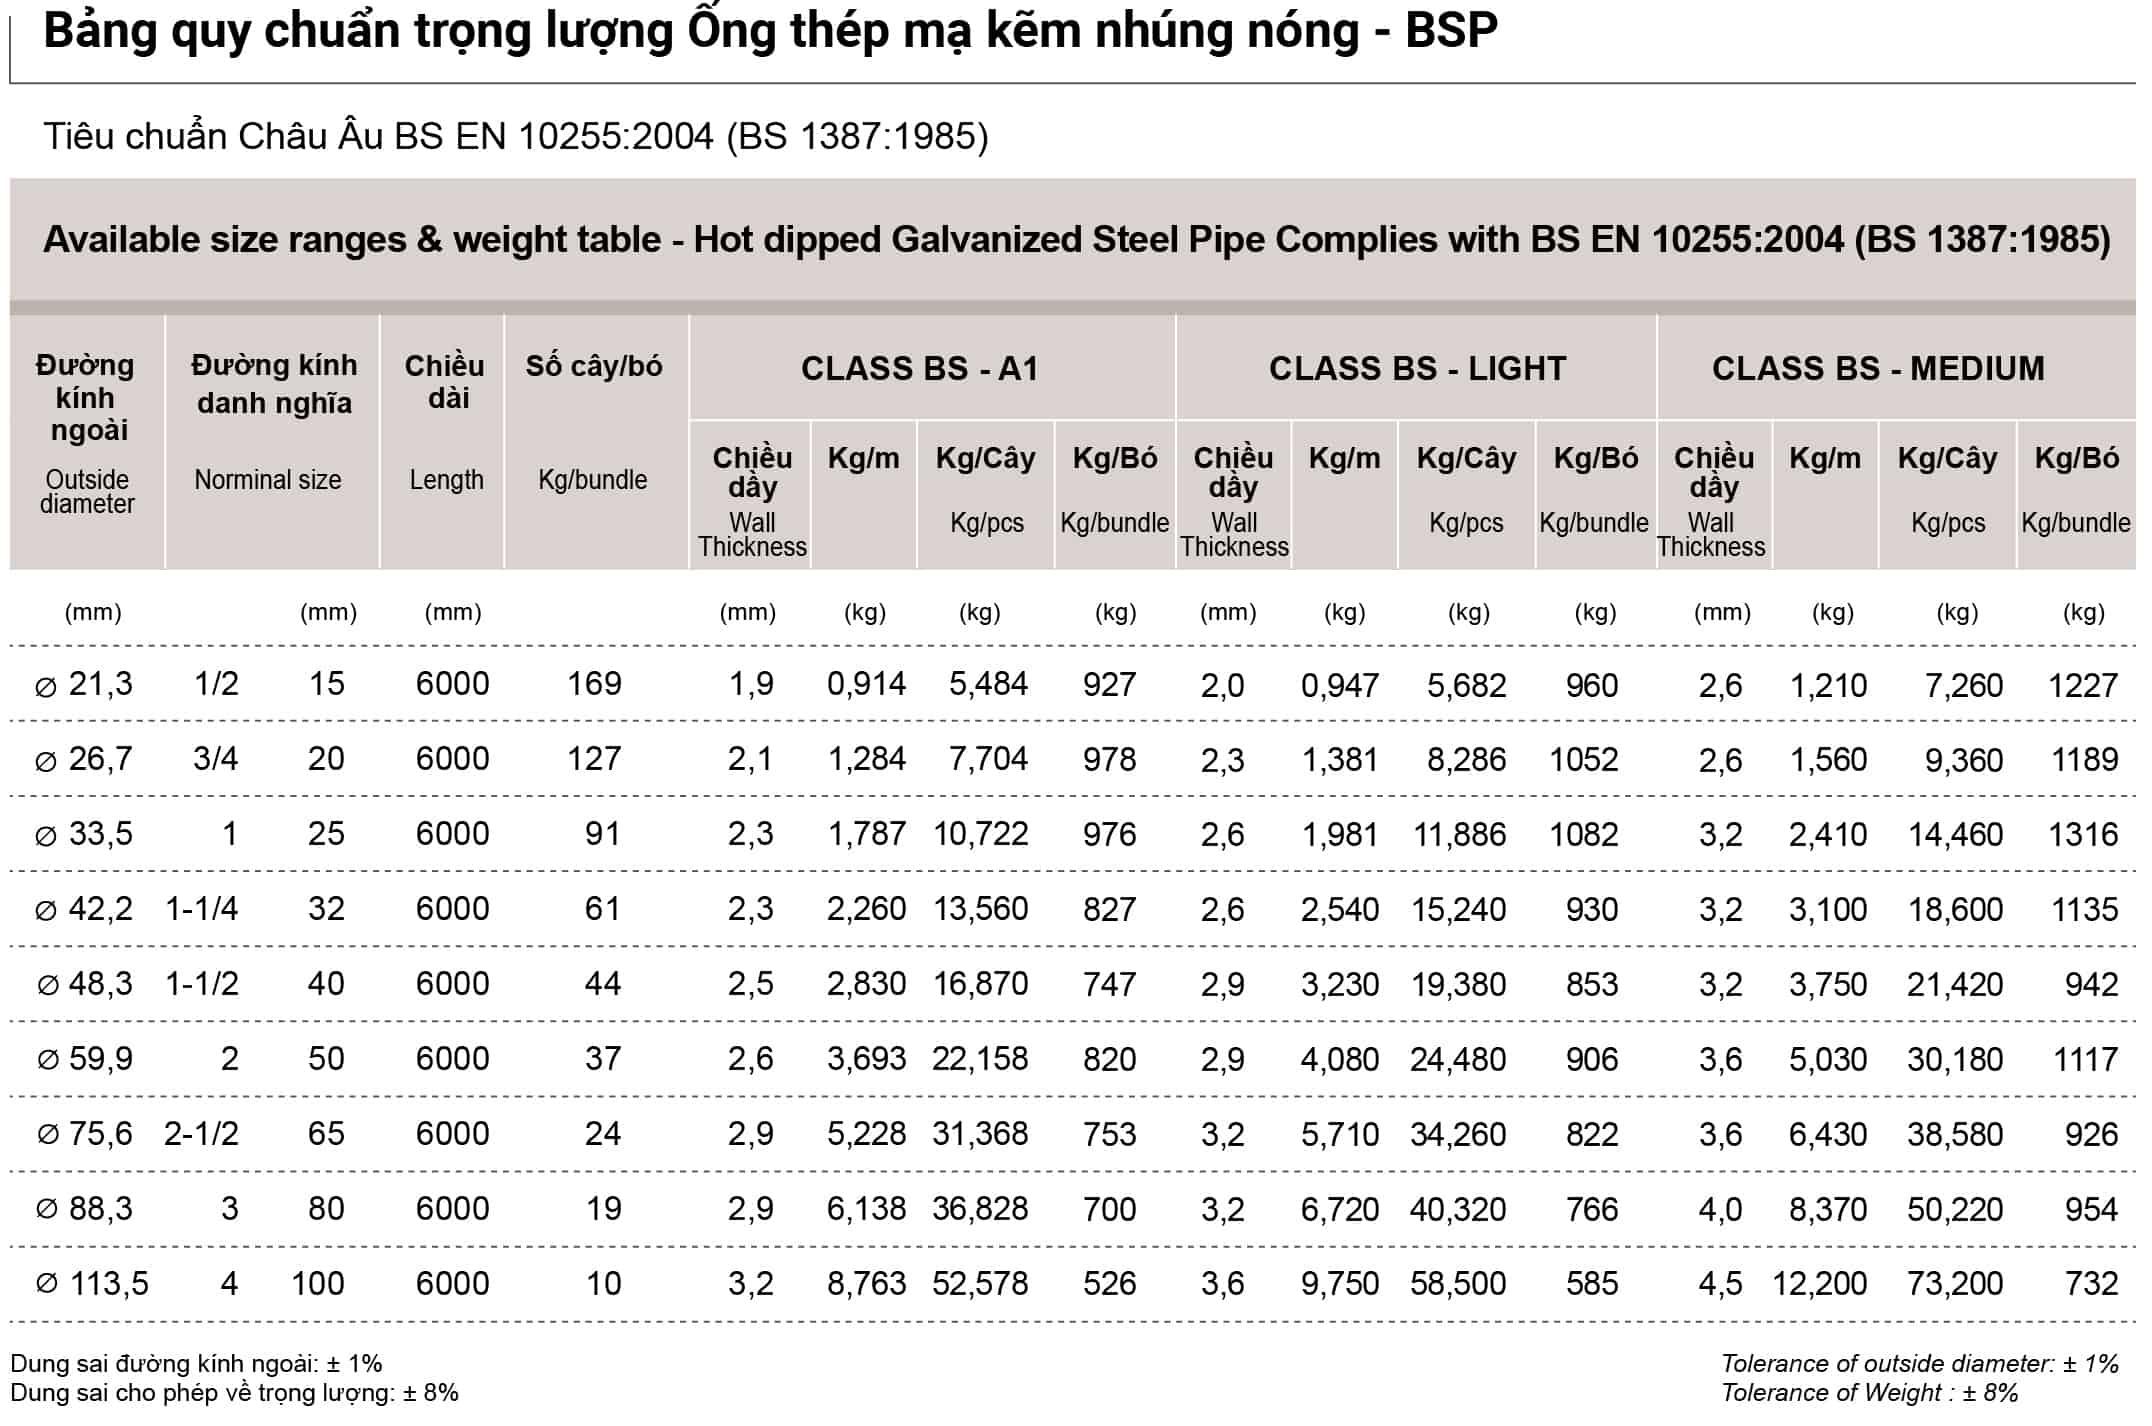 Bảng quy chuẩn trọng lượng ống thép mạ kẽm nhúng nóng Nhật Quang